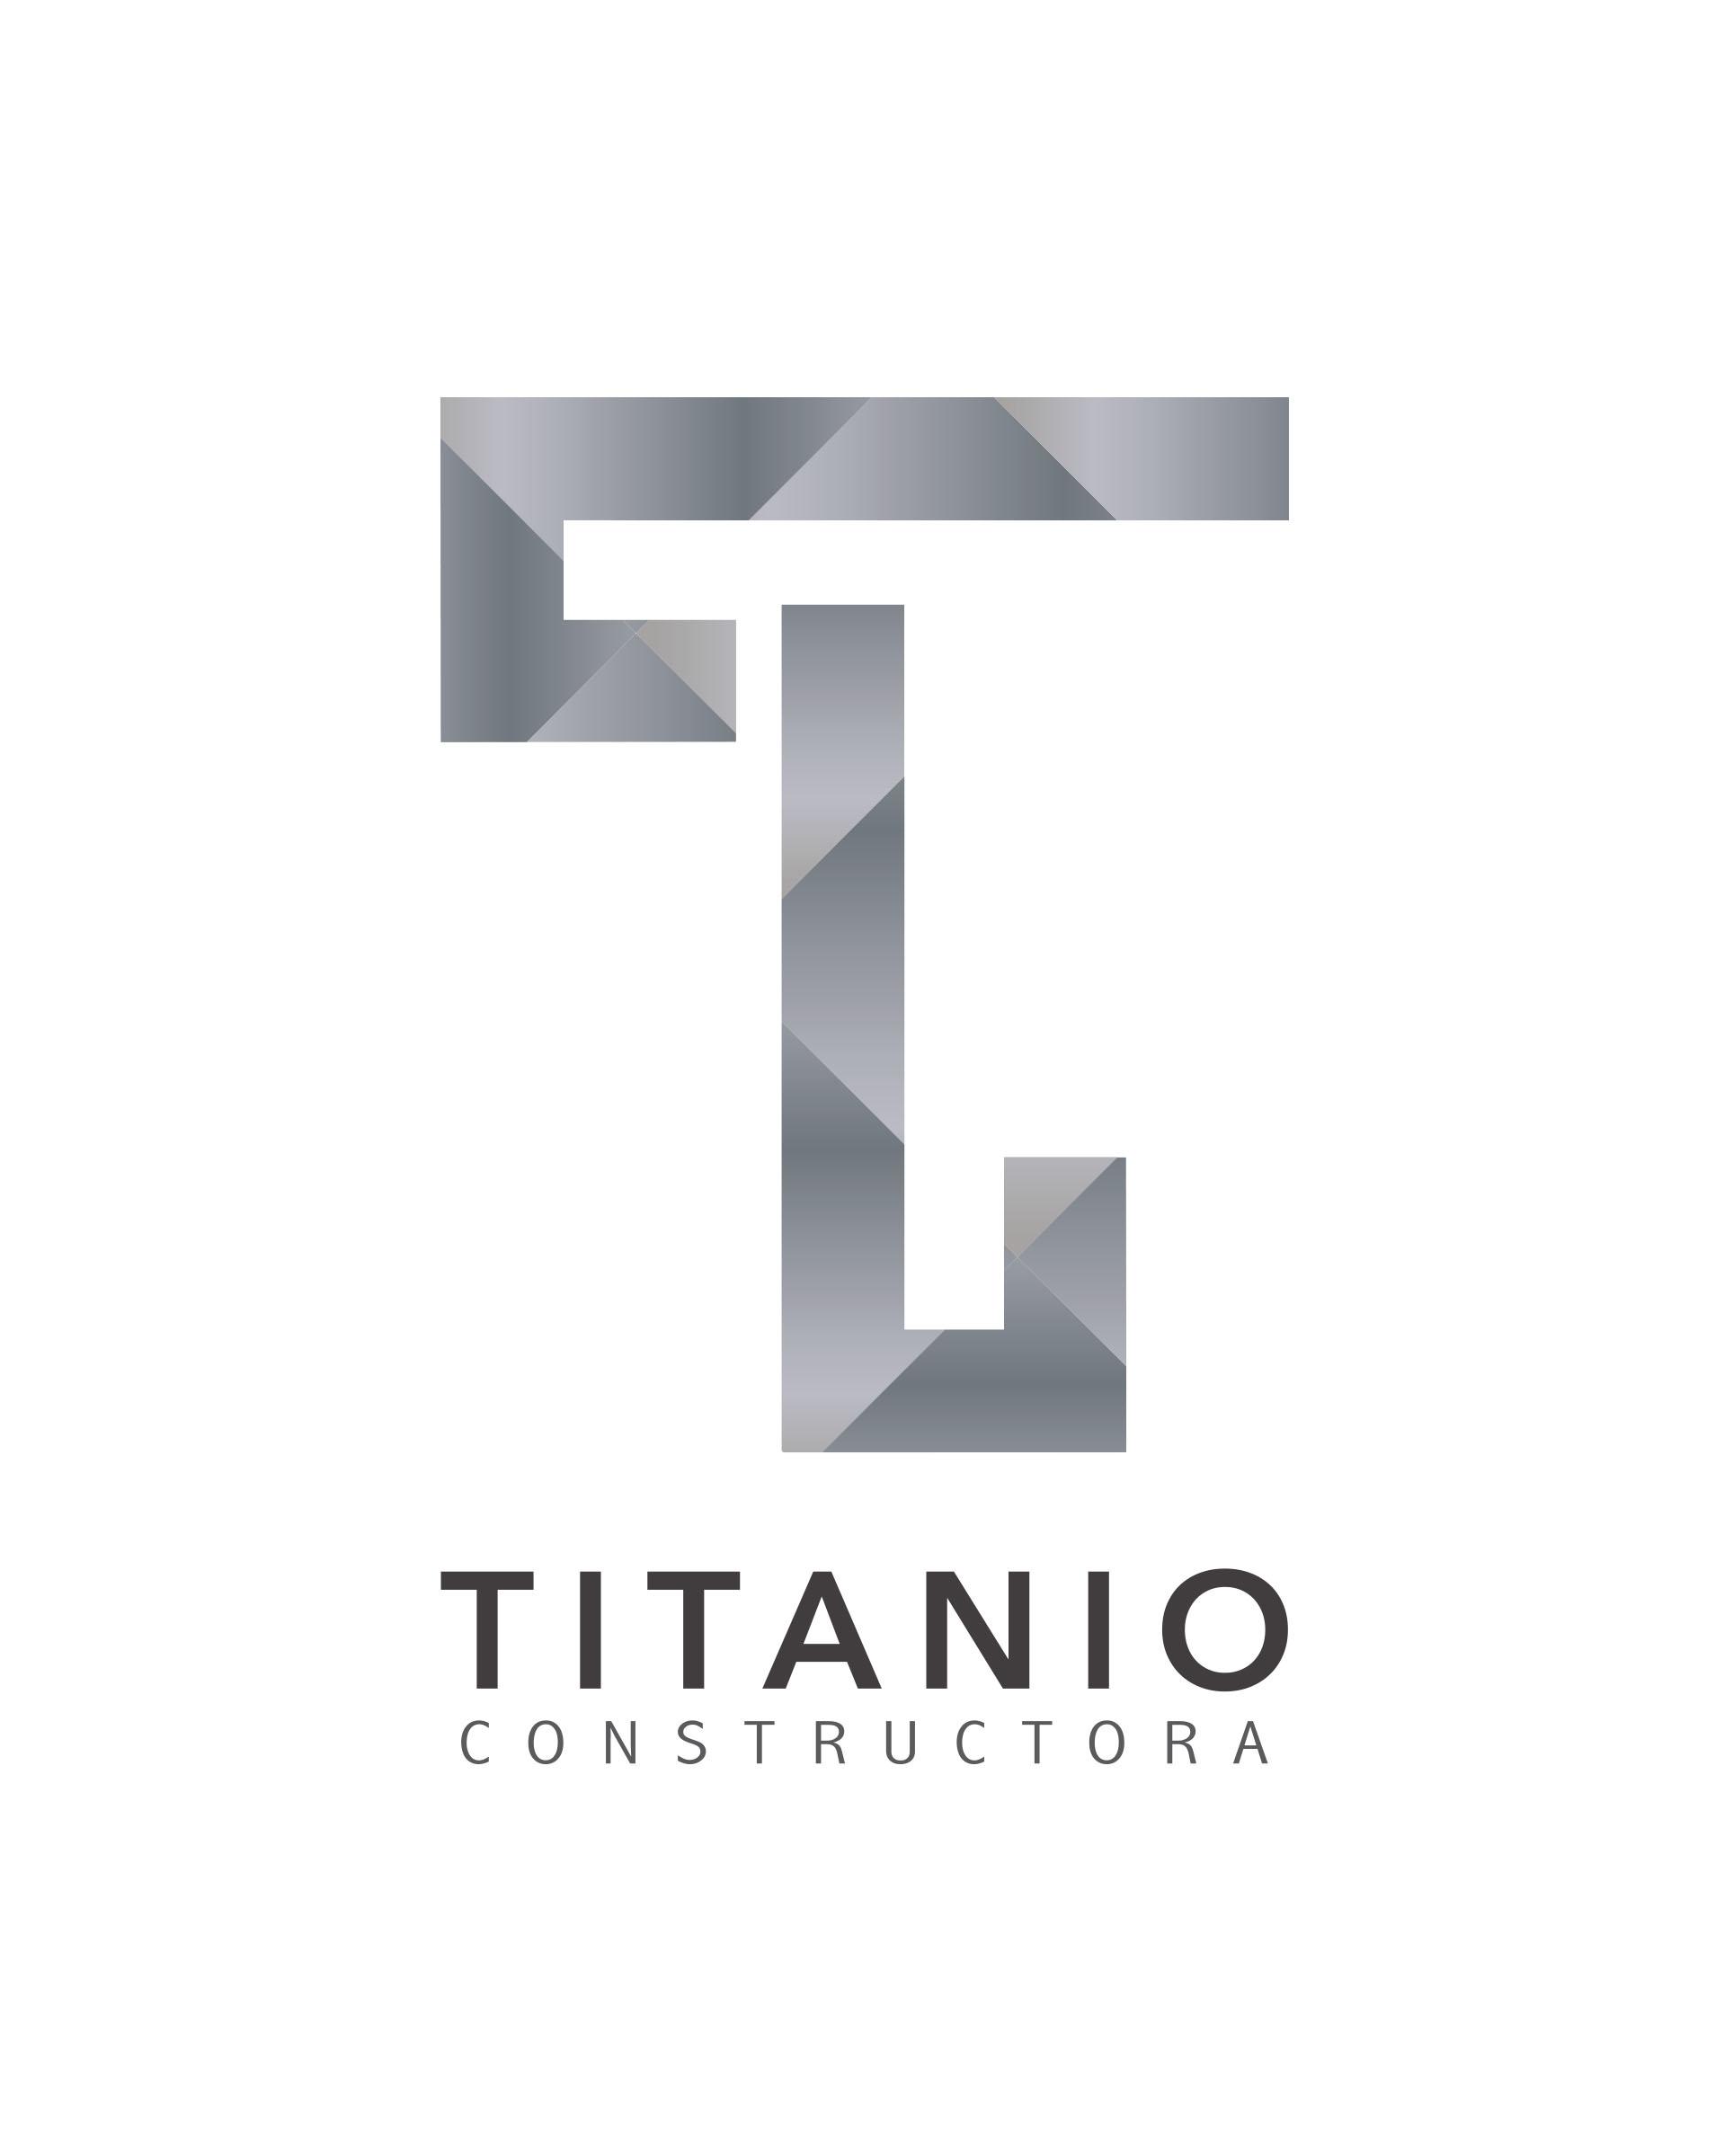 Constructora titanio ltda